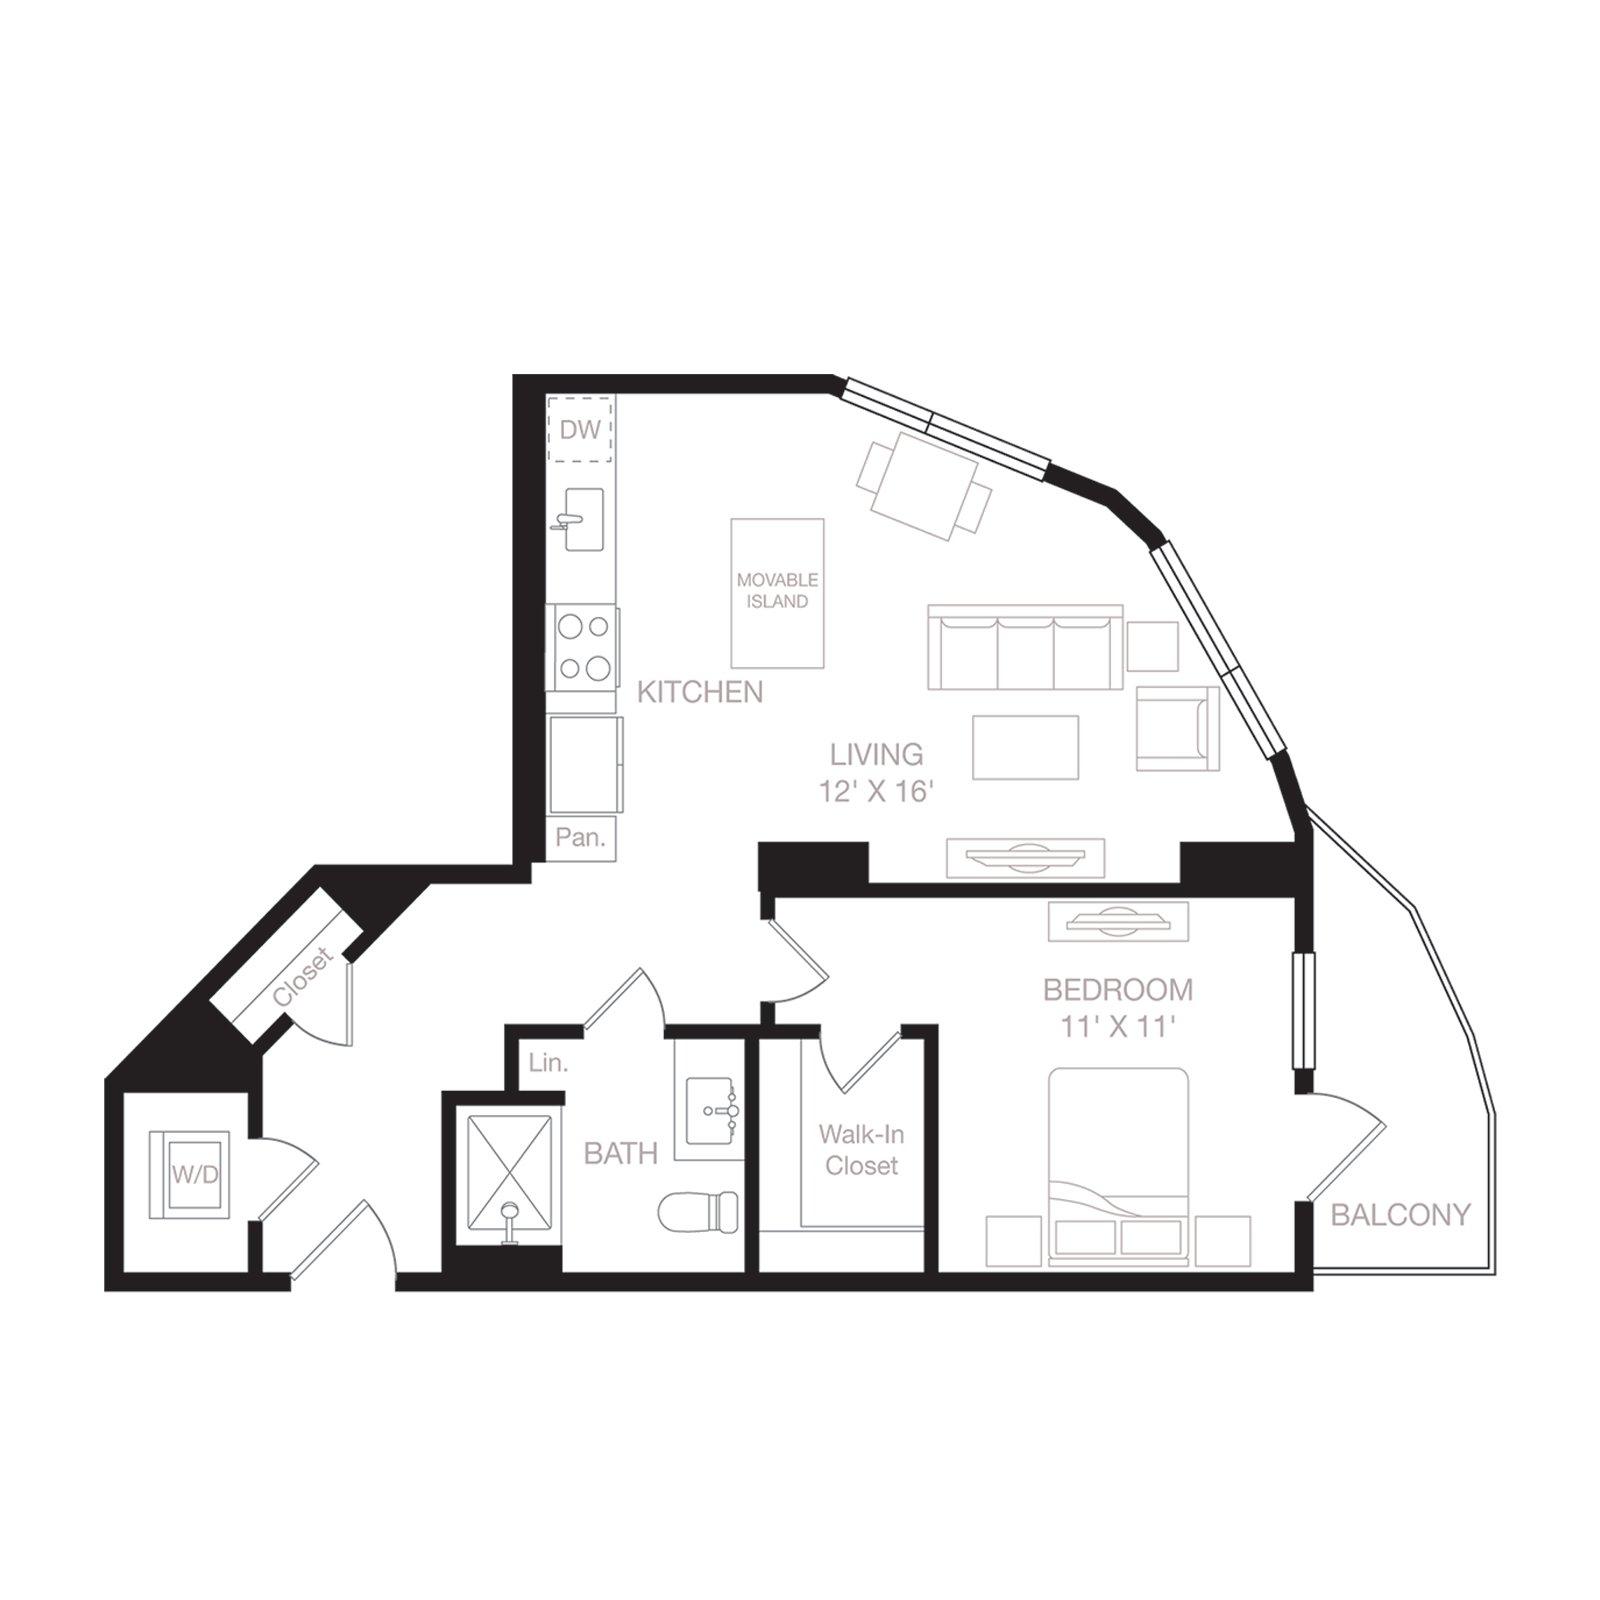 A16 diagram